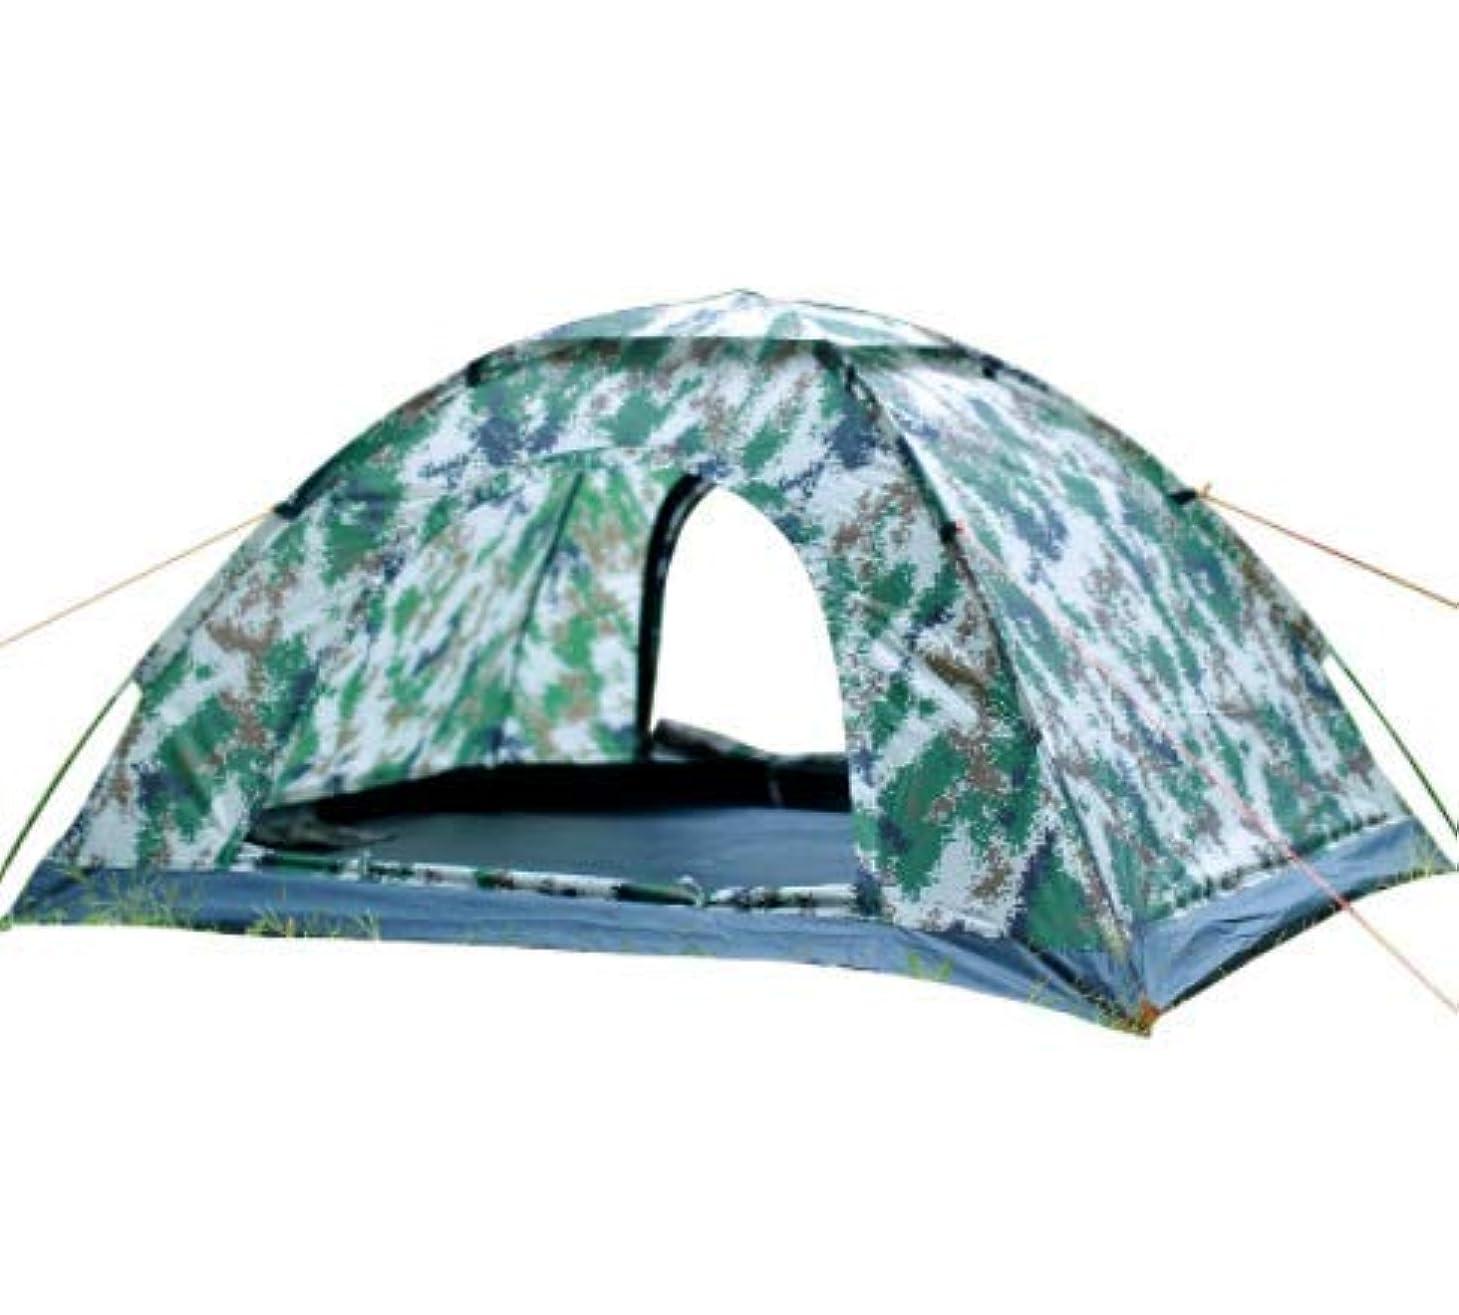 努力するレシピ支援するOkiiting 200 * 145 * 105センチ屋外迷彩単層テント防水と防雨日焼け止め2-4人キャンプ用品安全防虫換気 うまく設計された